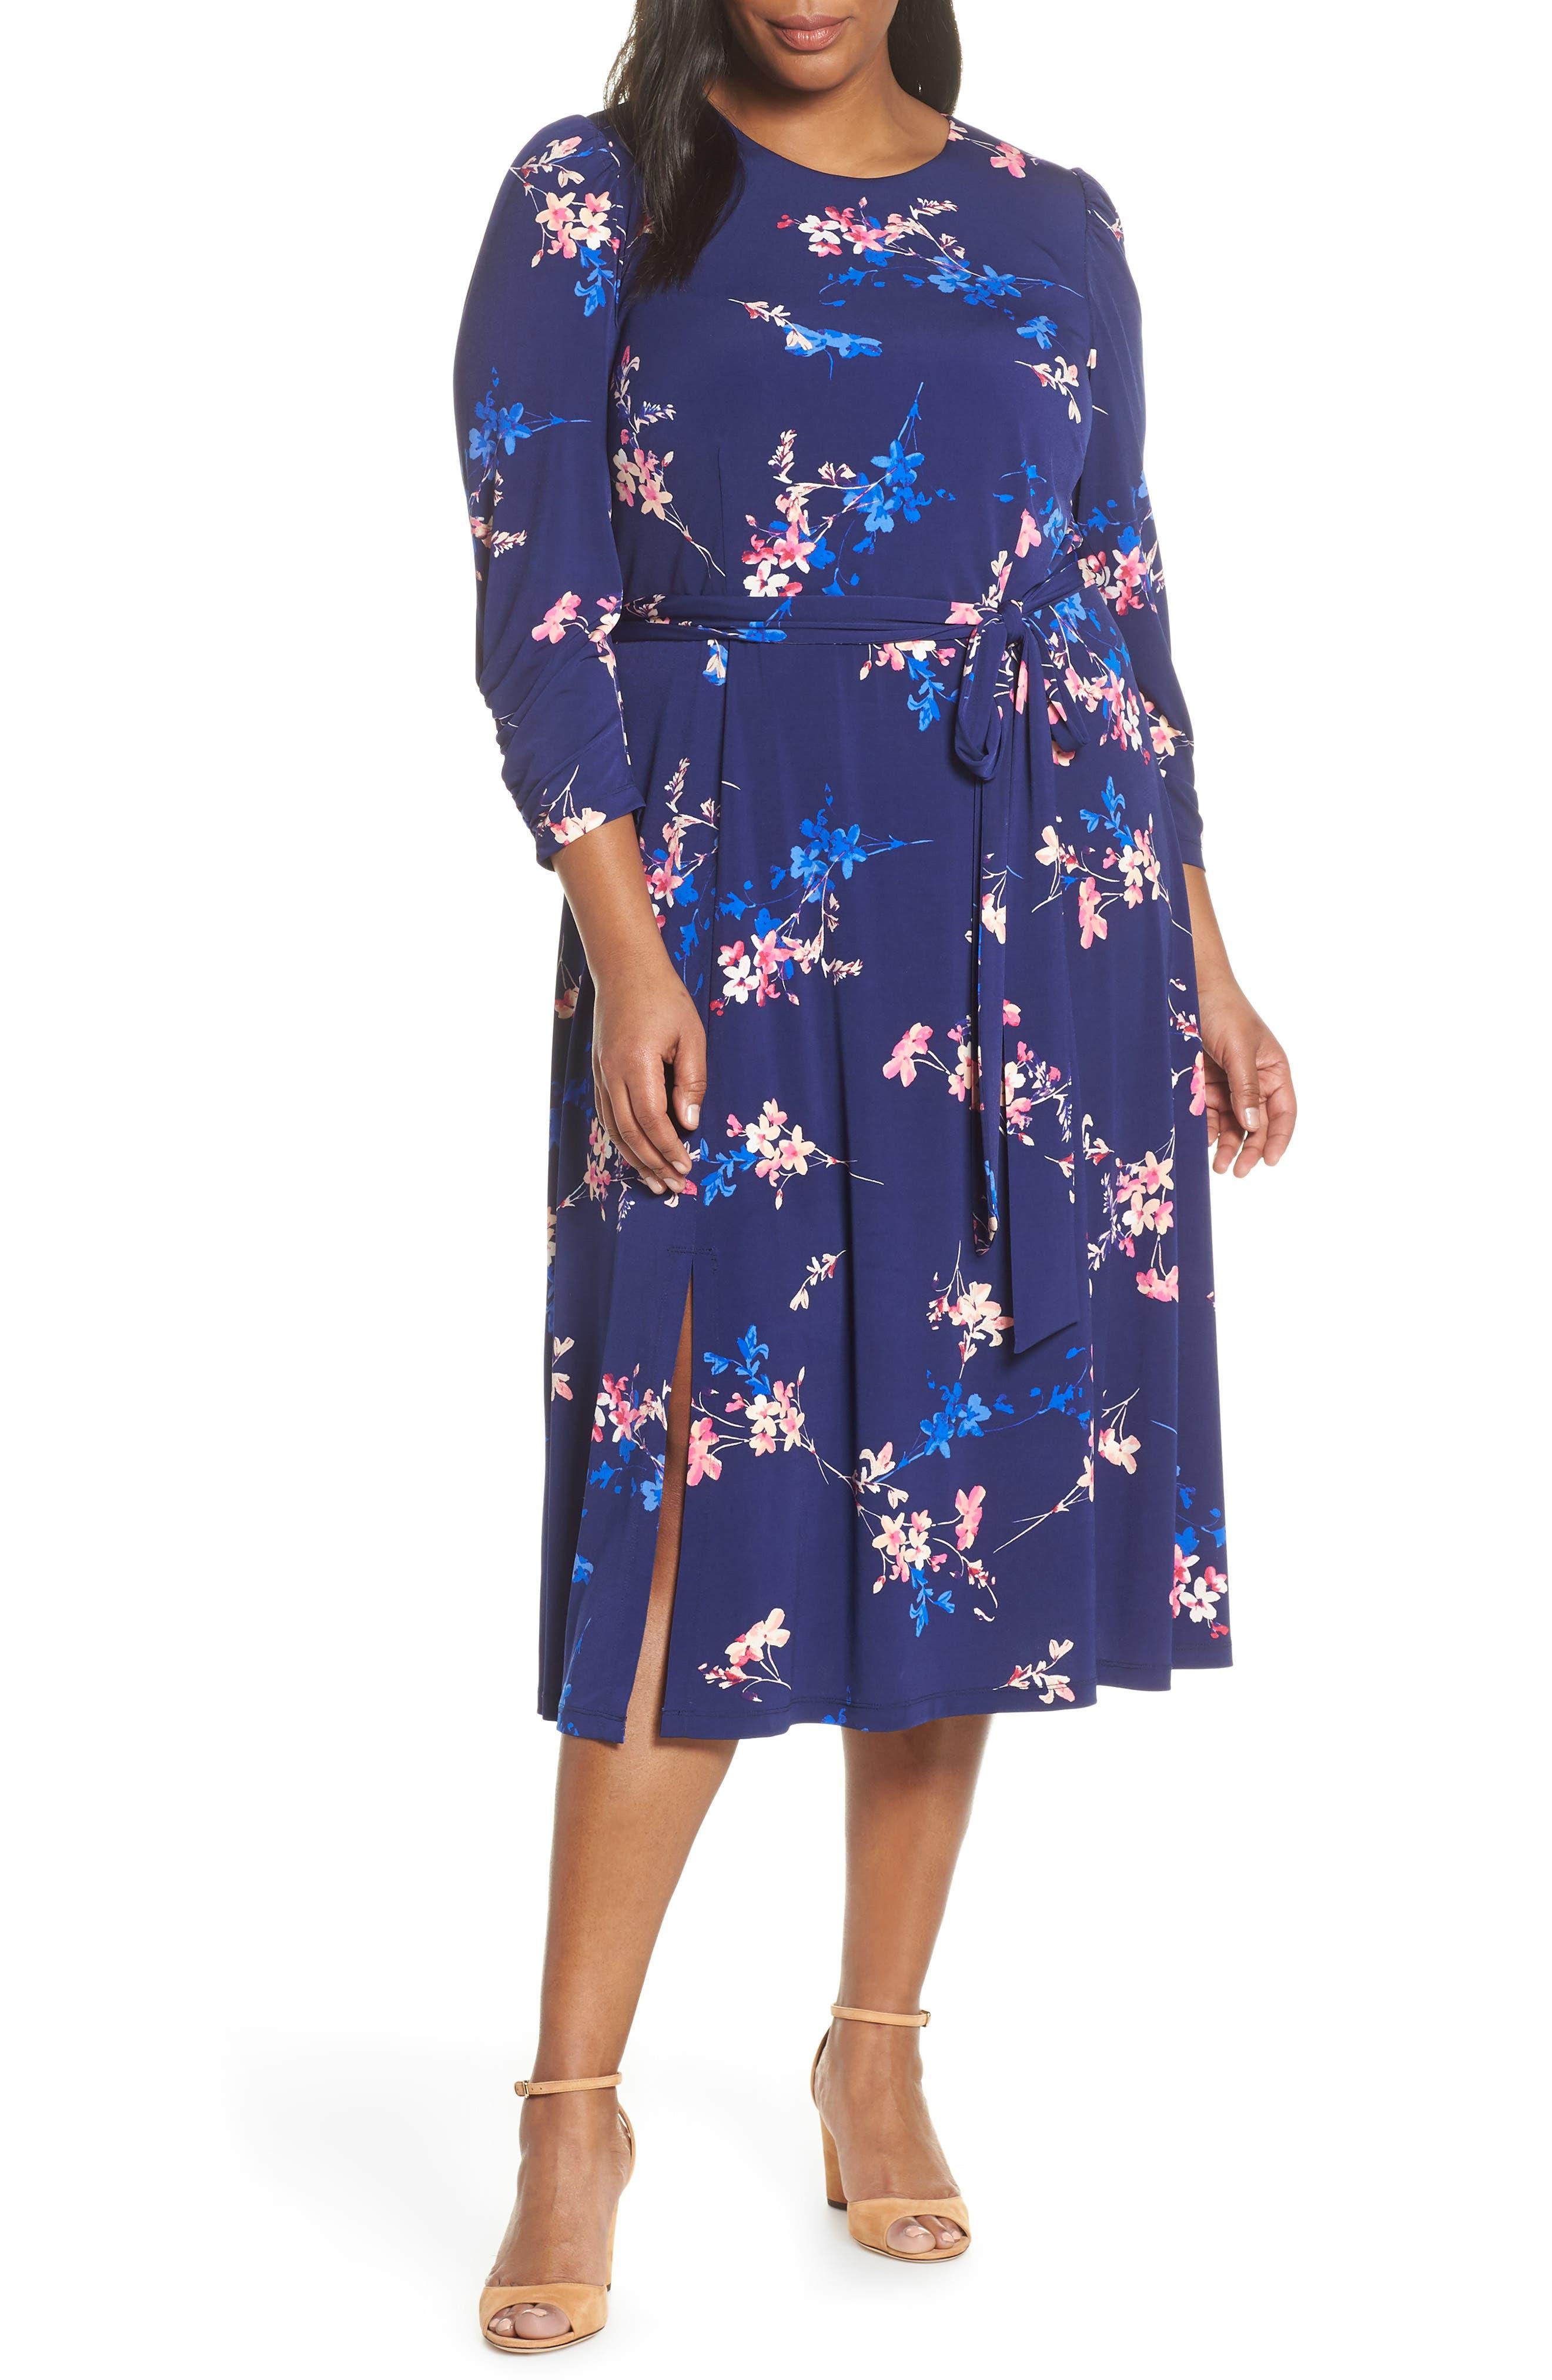 1930s Art Deco Plus Size Dresses | Tea Dresses, Party Dresses Plus Size Womens Eliza J Floral Belted Midi Dress Size 24W - Blue $148.00 AT vintagedancer.com